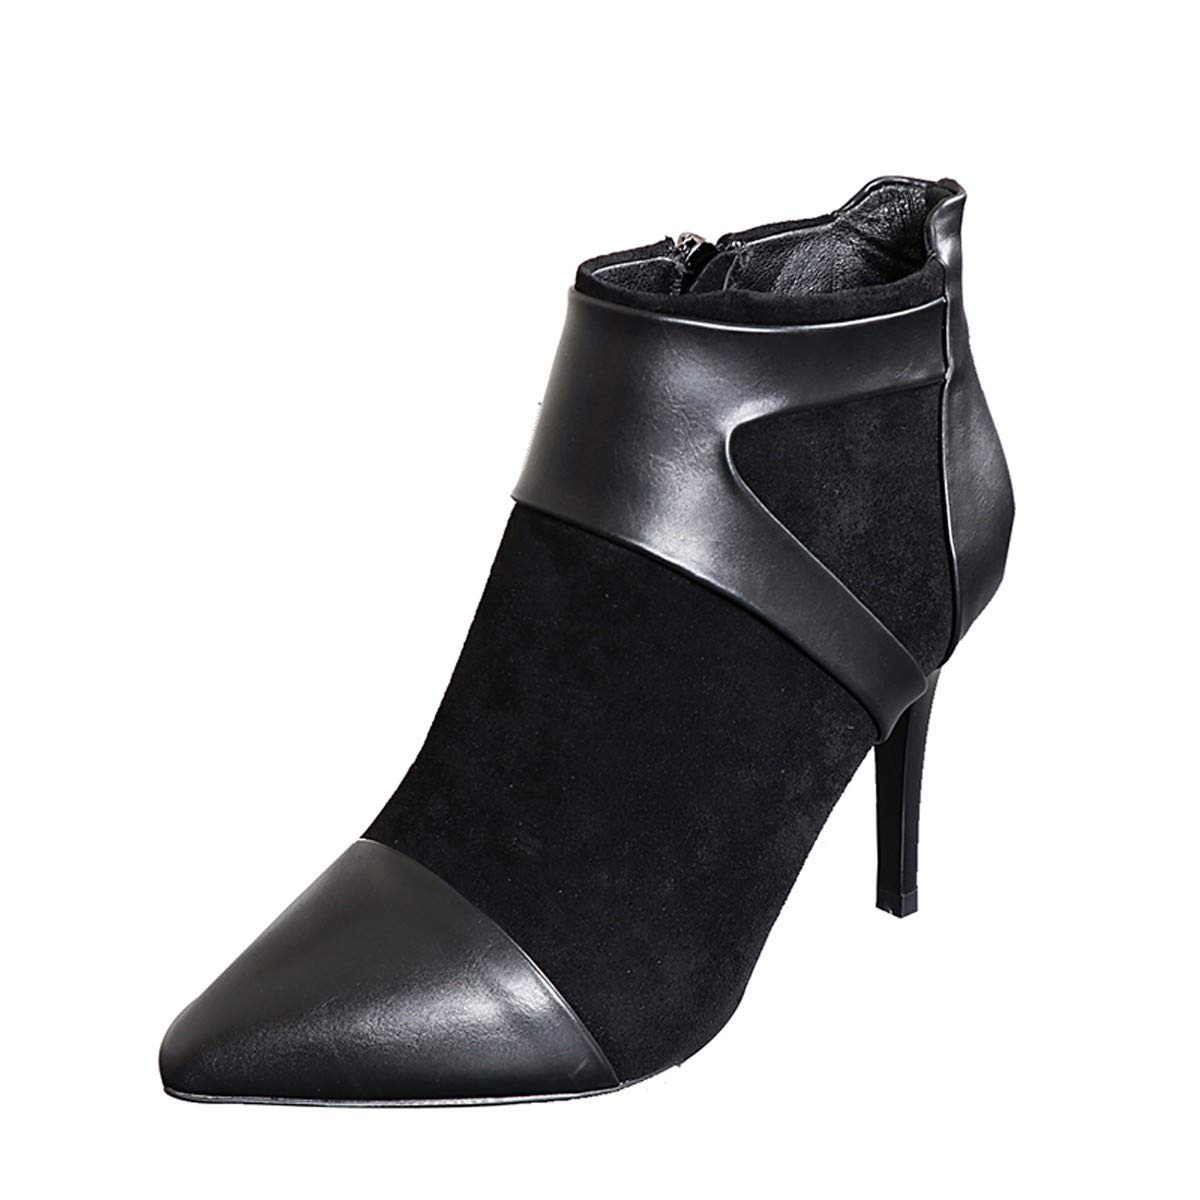 LBTSQ-Das Sagte Stiefel High Heels Reißverschlüsse Sexy Stiefel High Heels 9Cm Martin Stiefel Mode